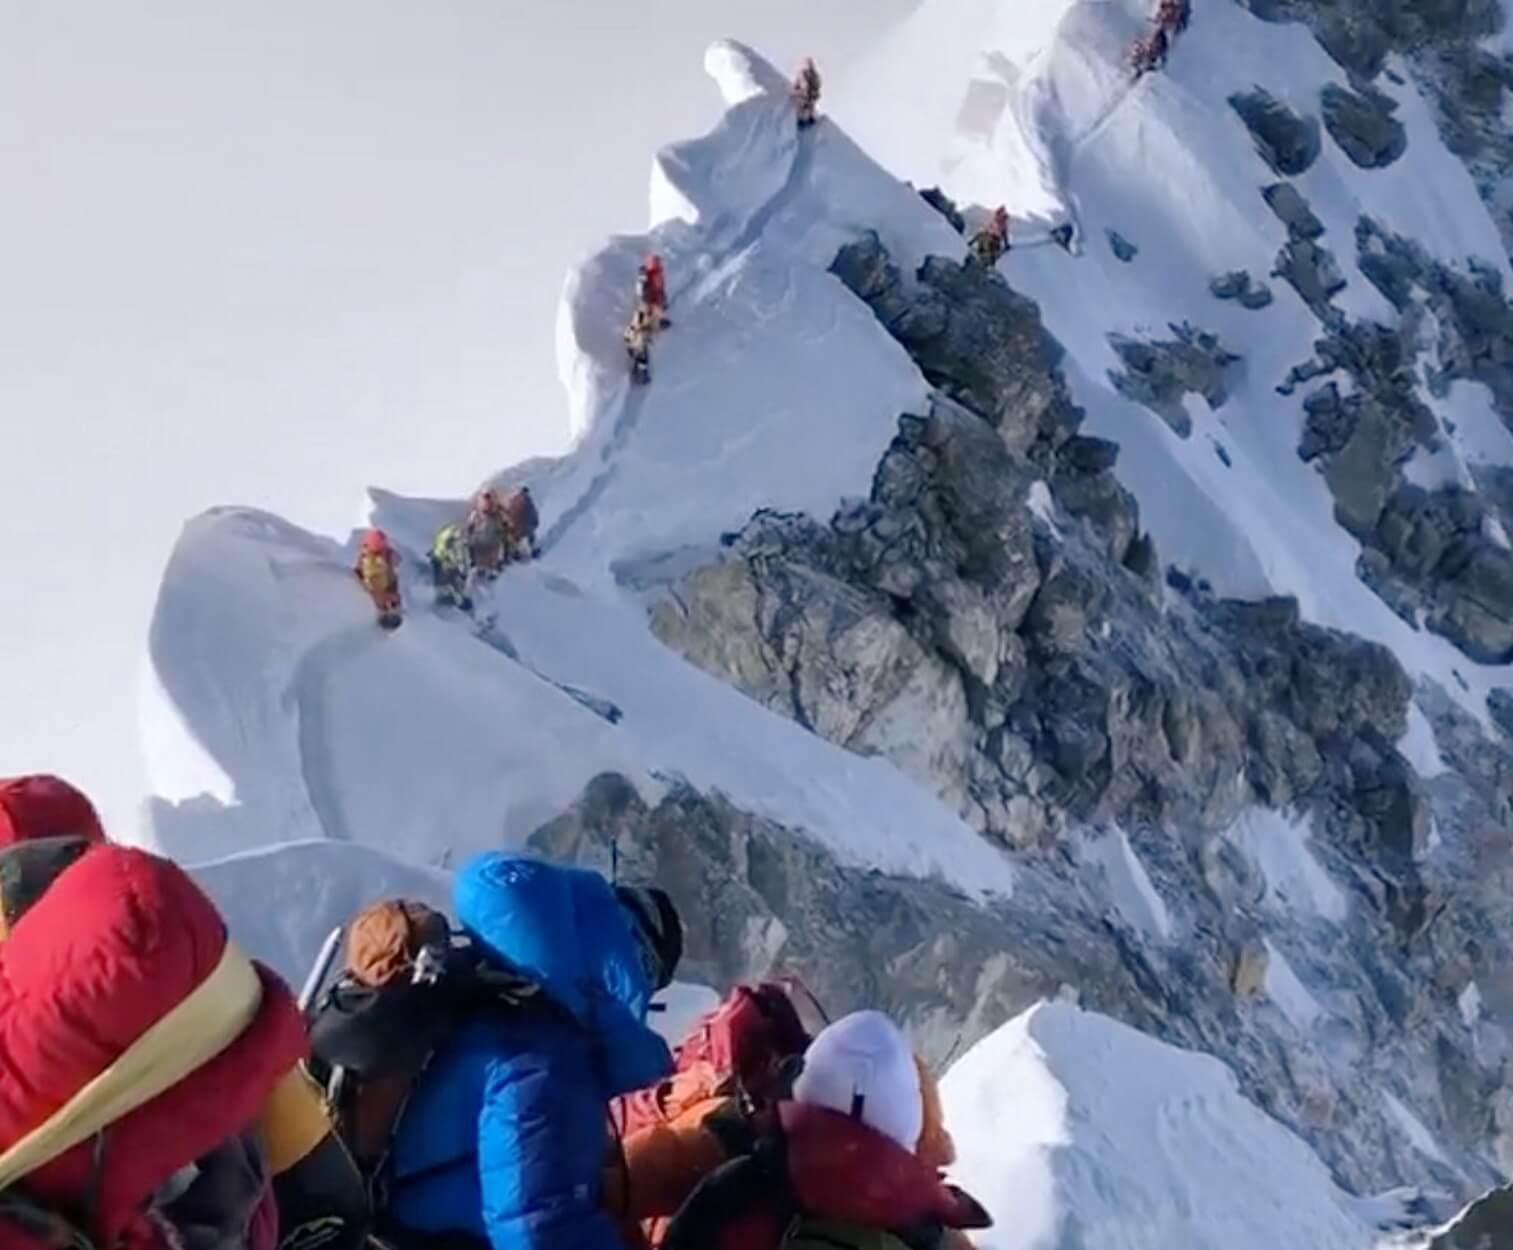 Έβερεστ: Γι' αυτό πεθαίνουν οι ορειβάτες που θέλουν να κατακτήσουν την κορυφή του κόσμου – Video